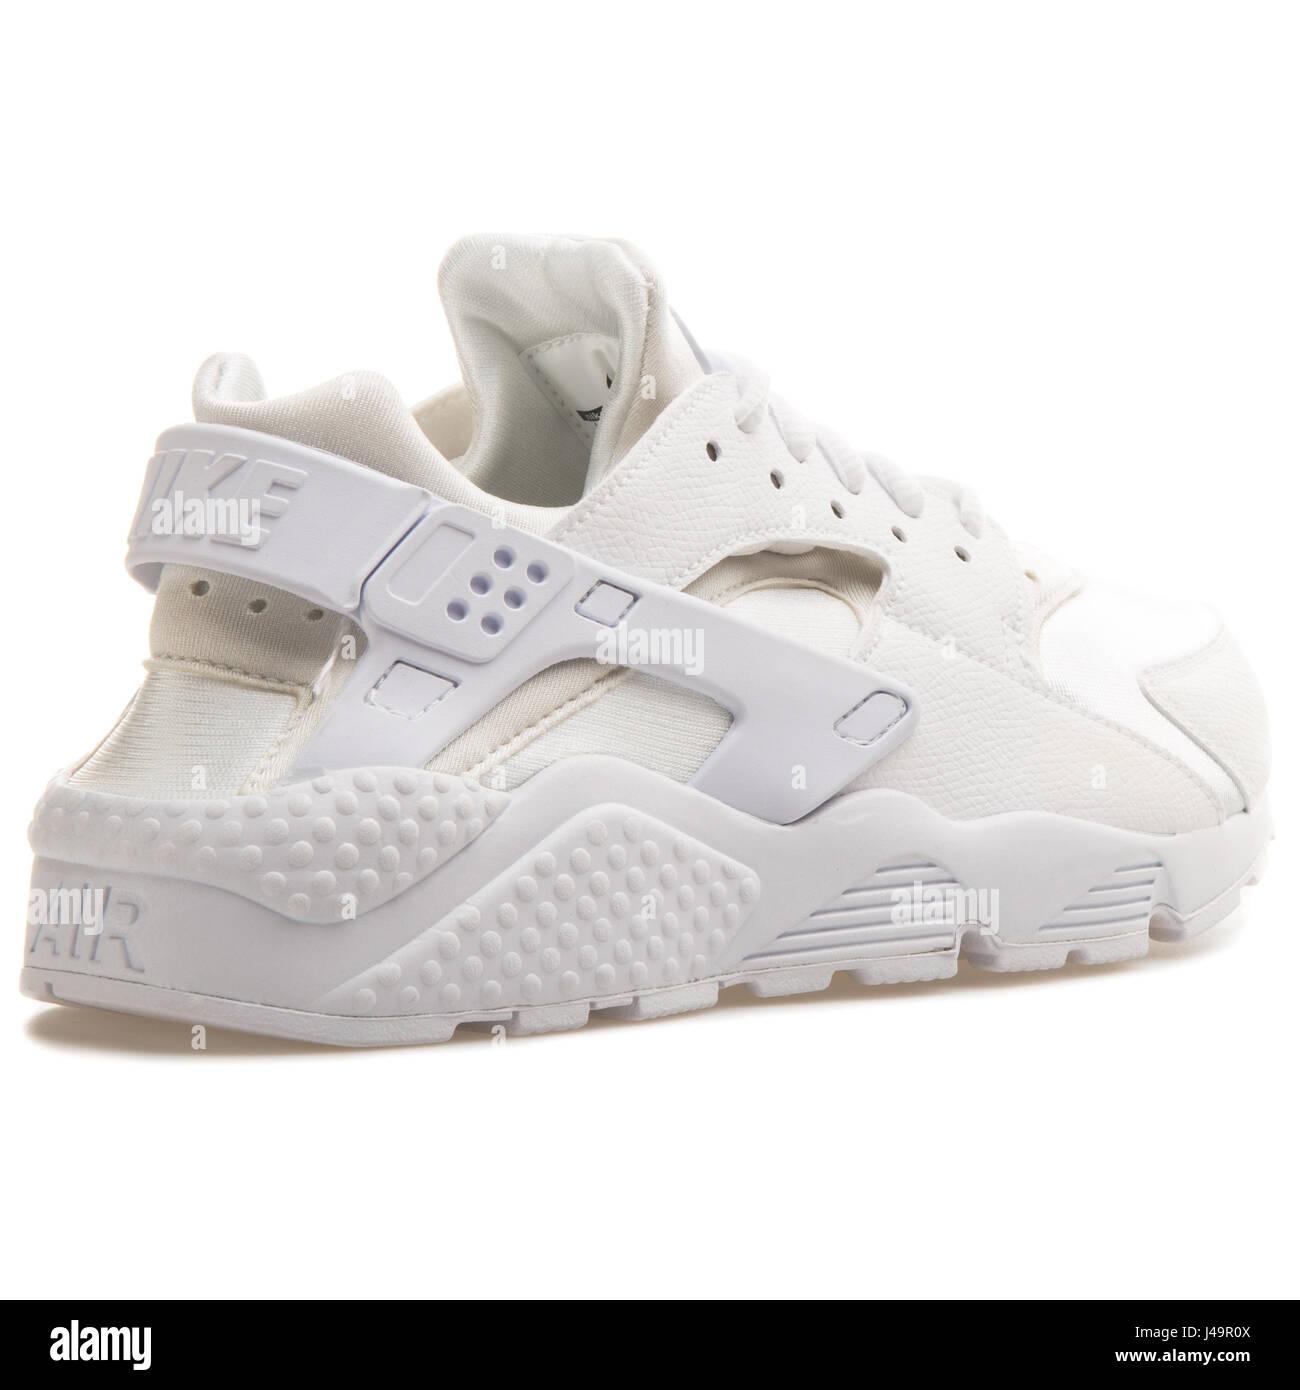 outlet store 37680 e29bc Nike WMNS Air Huarache Run White - 634835-106